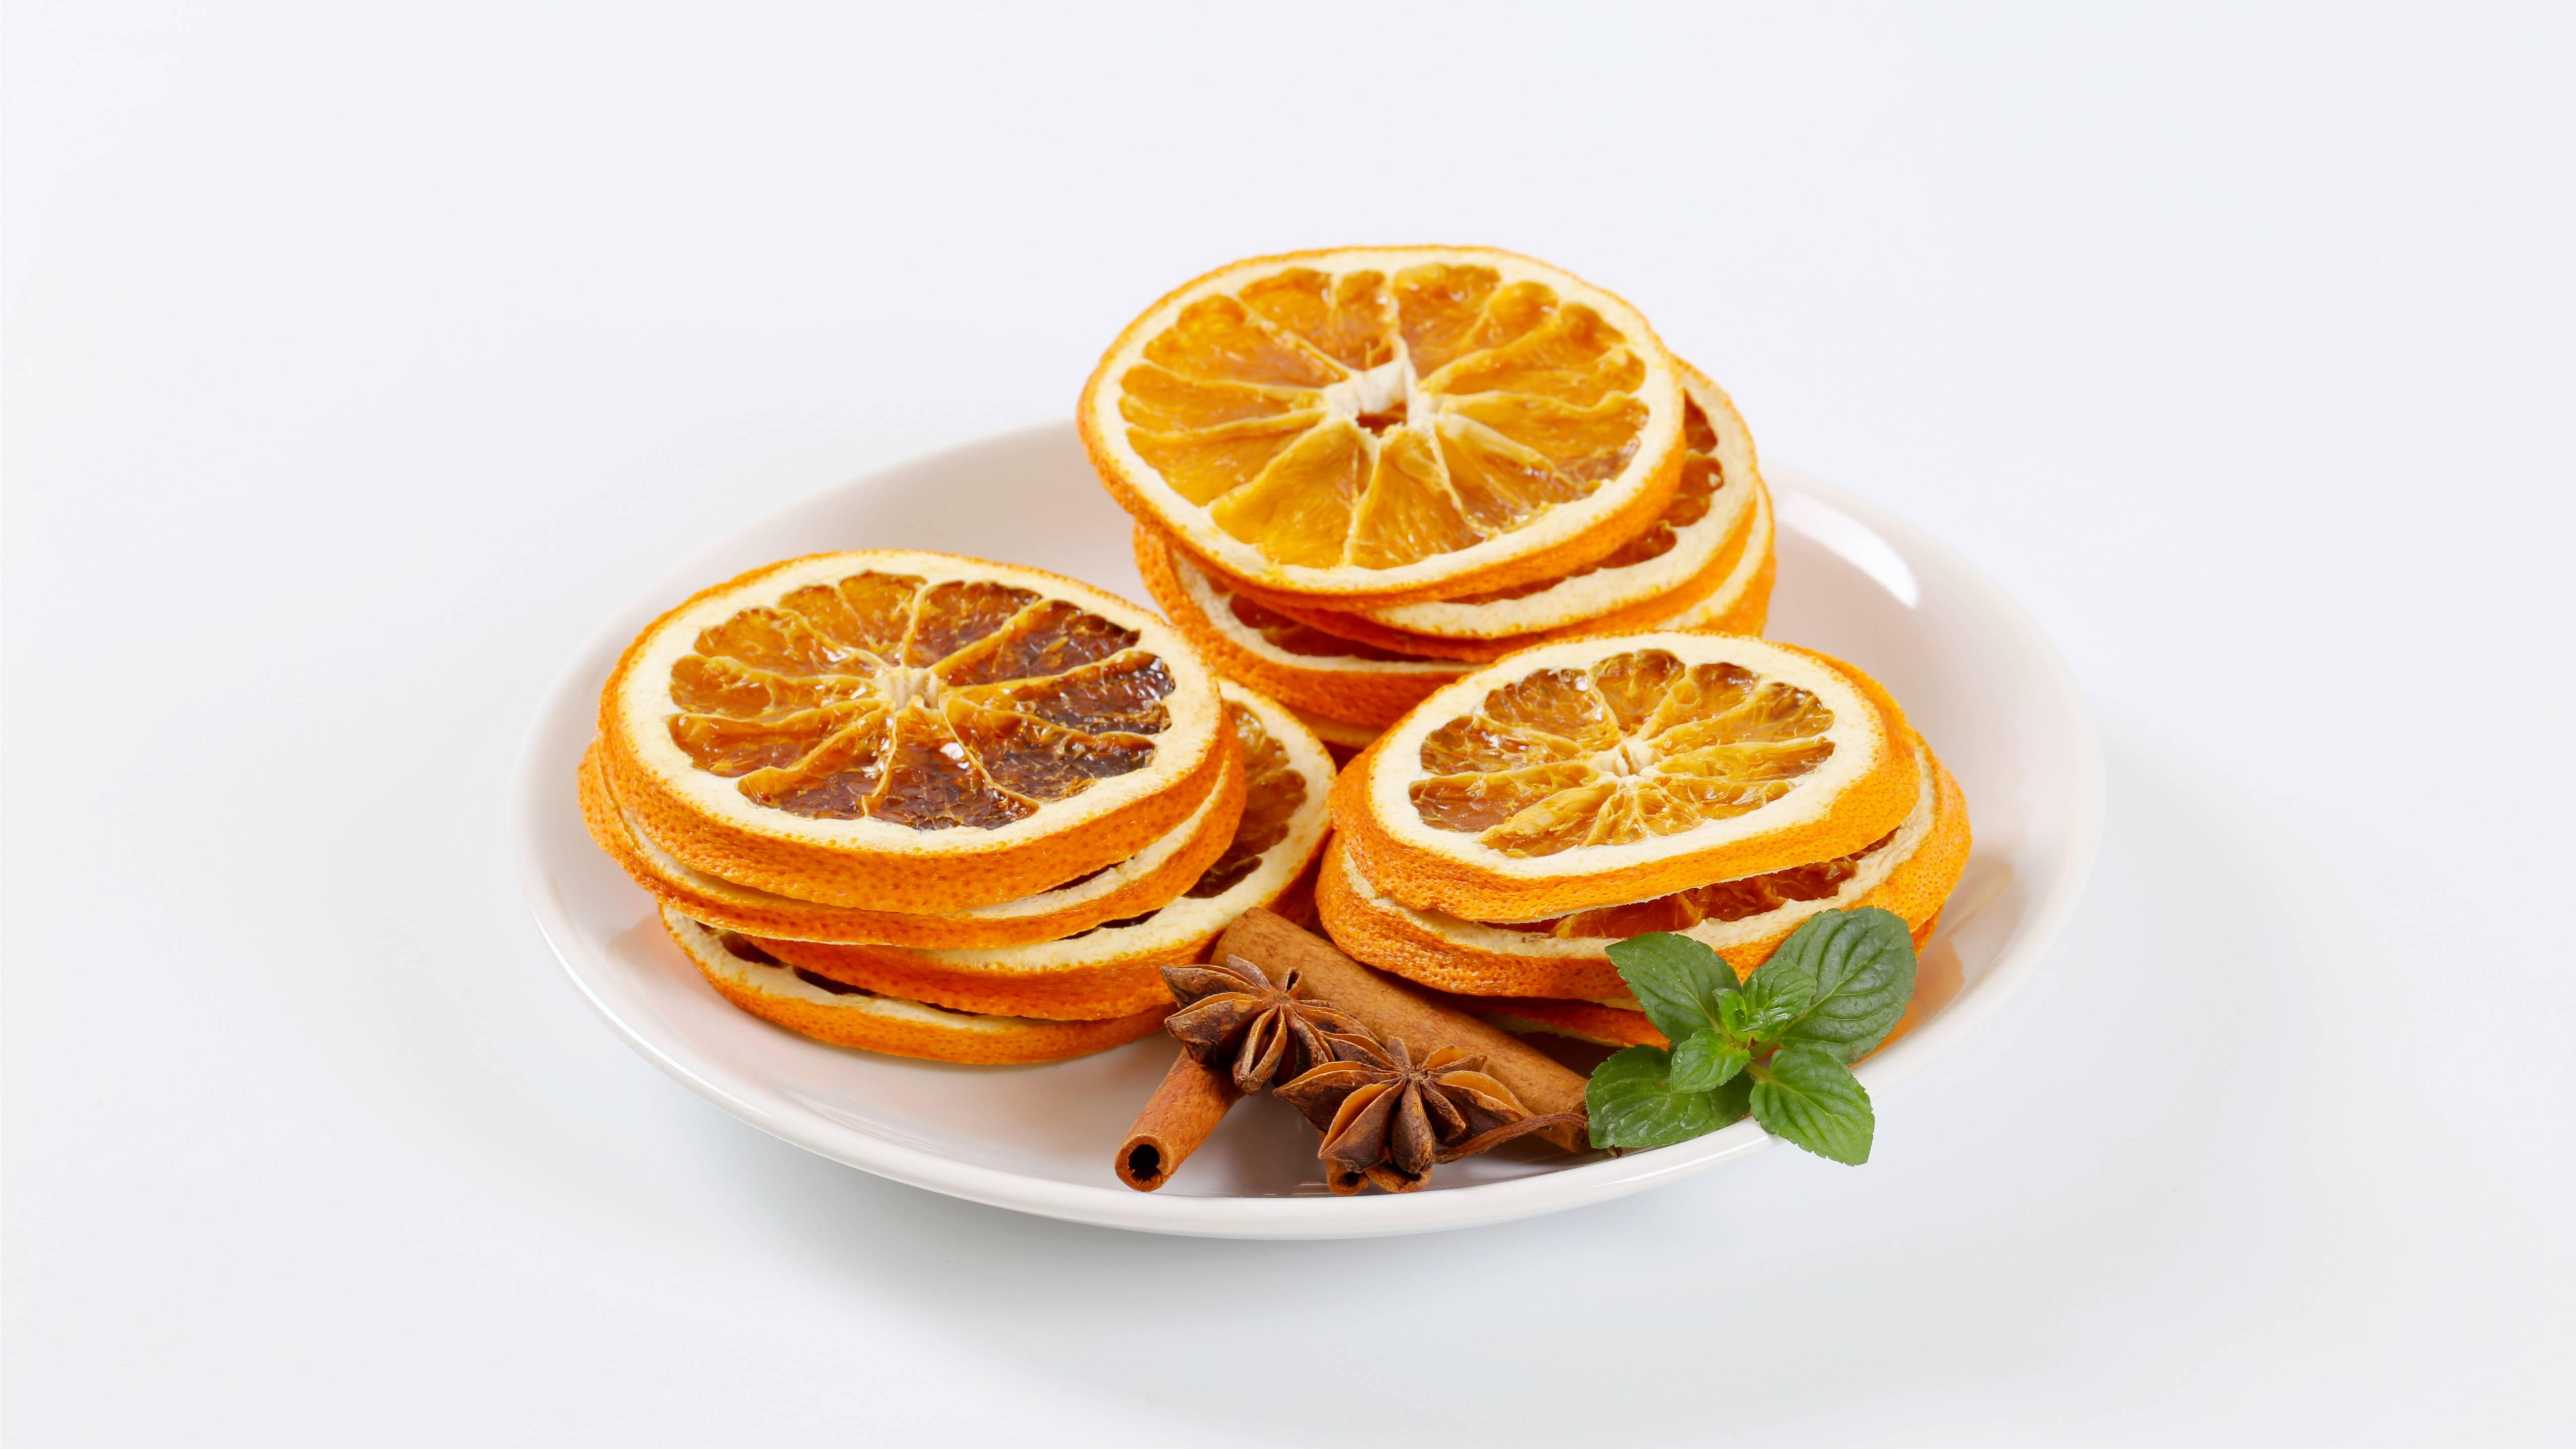 Weihnachtsduft selber machen - getrocknete Orangenscheiben verströmen Aroma